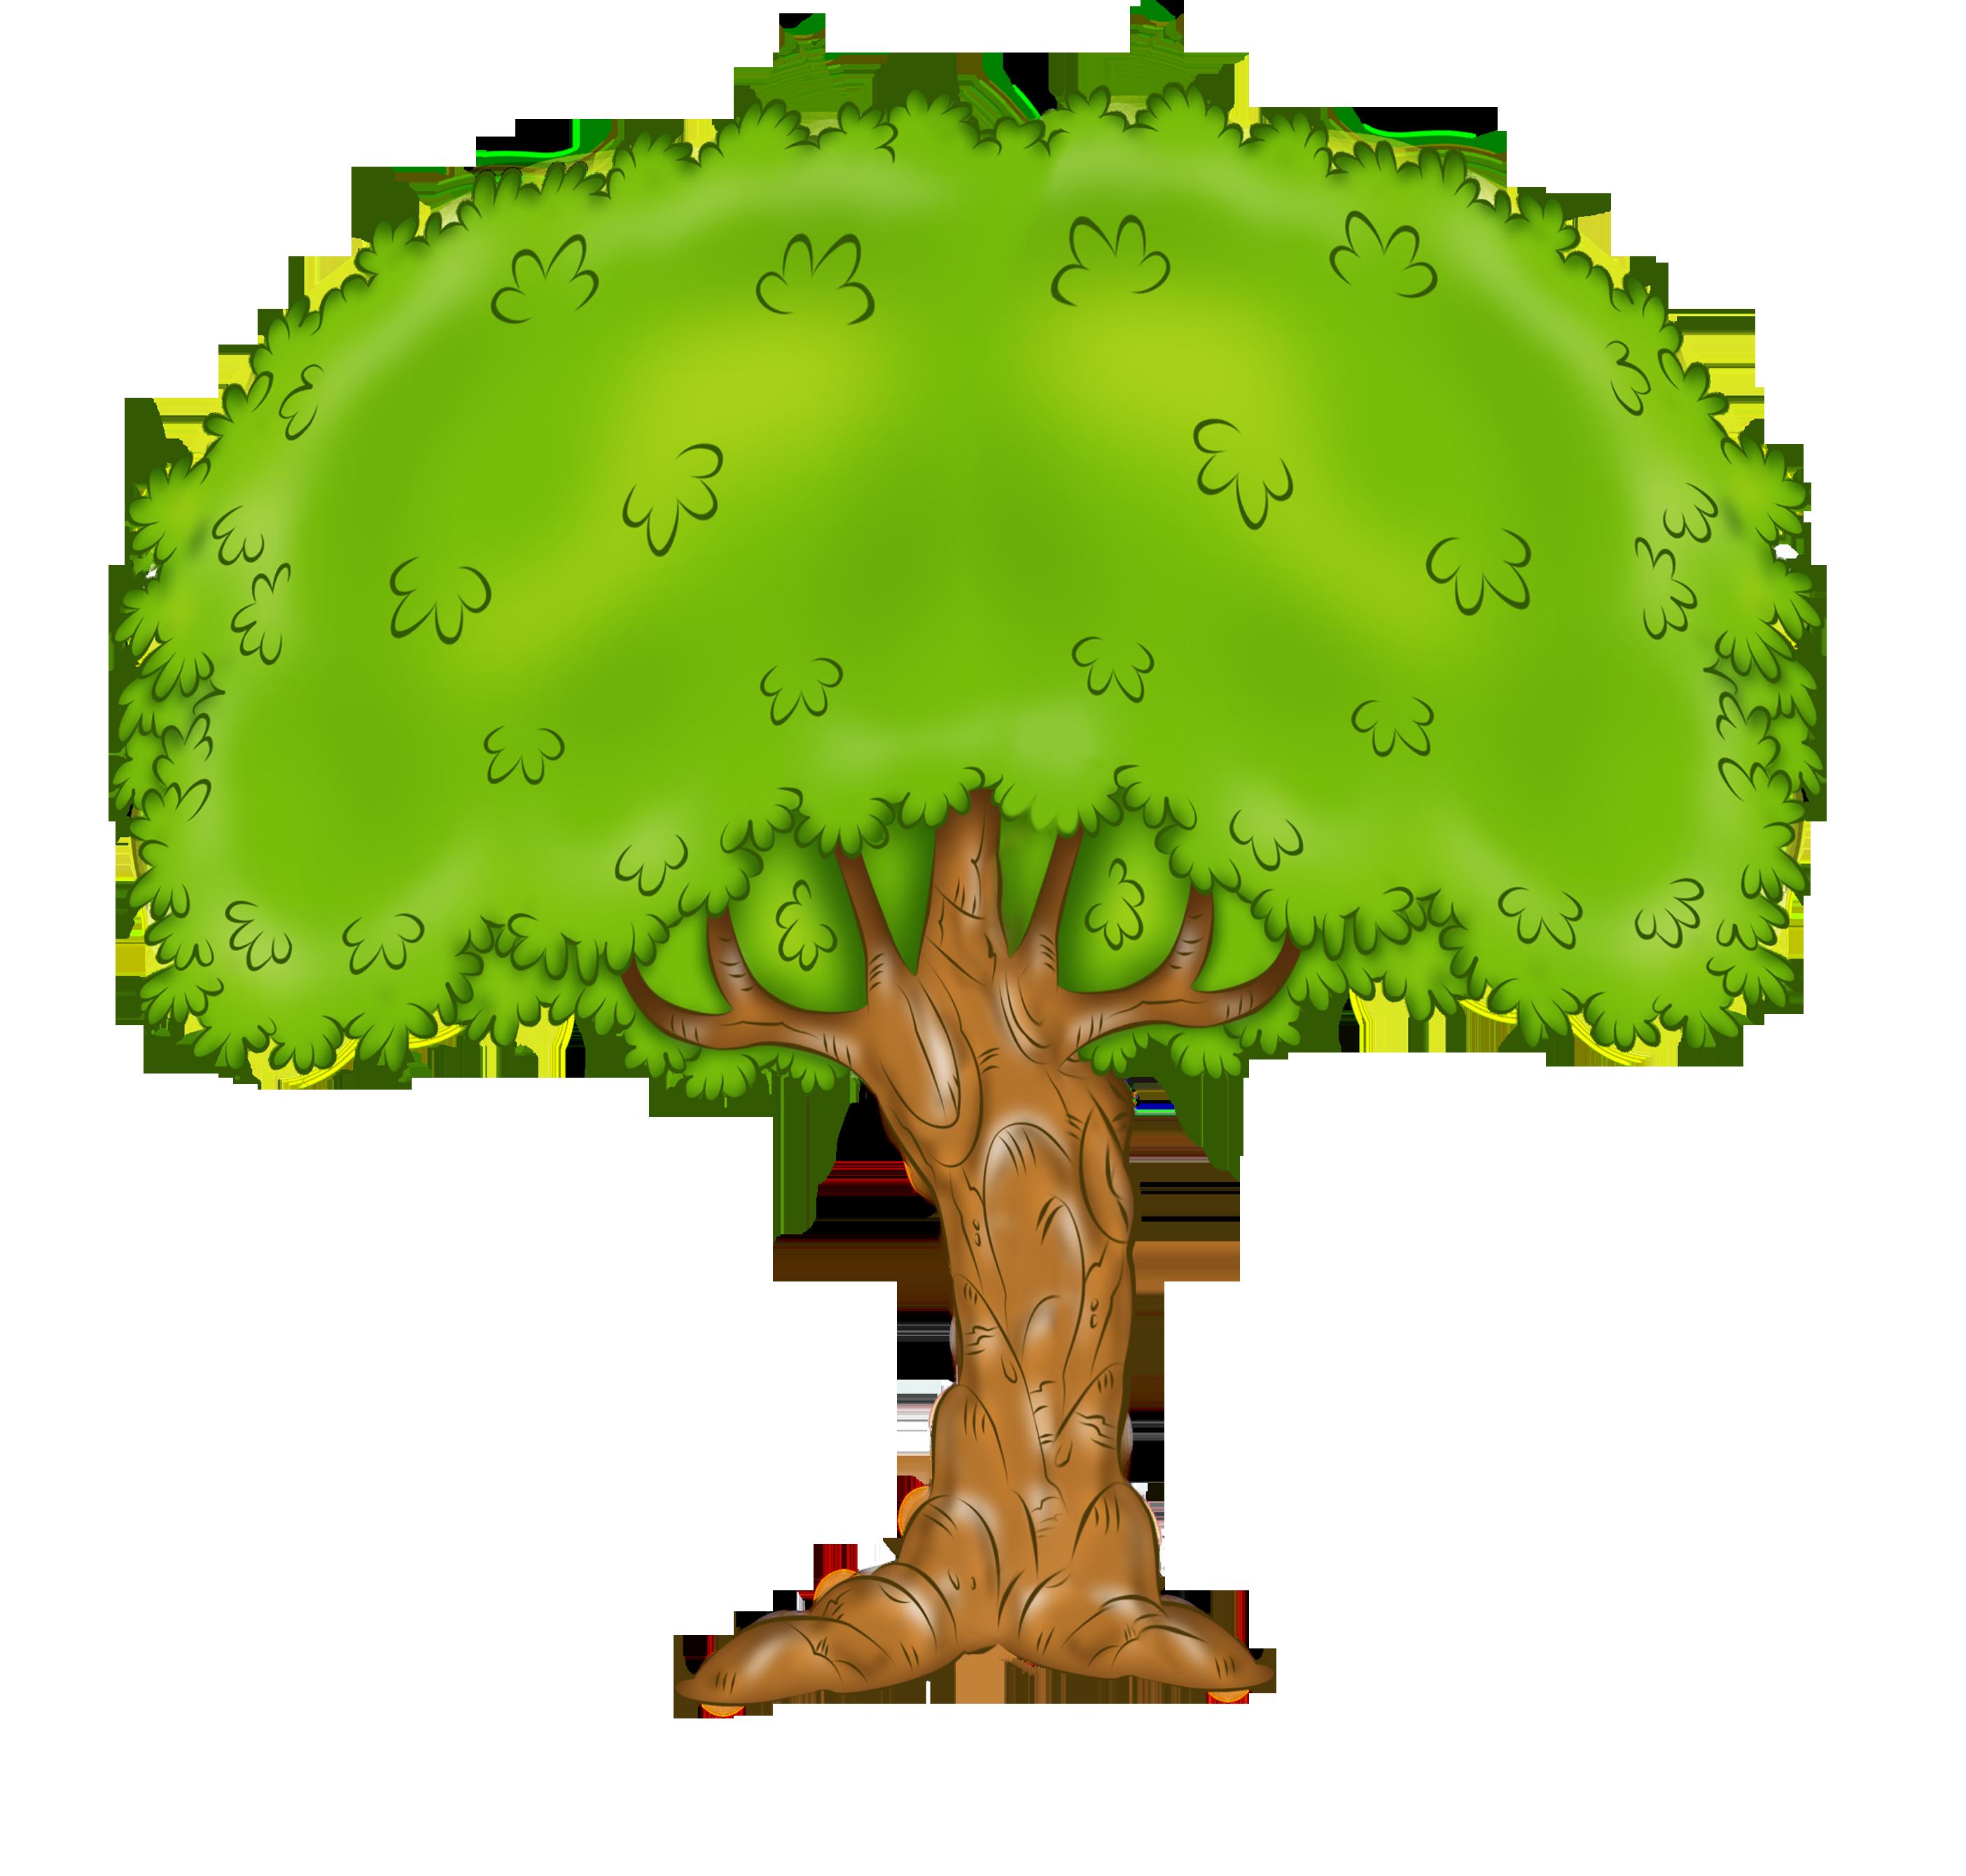 очень, картинка деревце детям начальном уровне